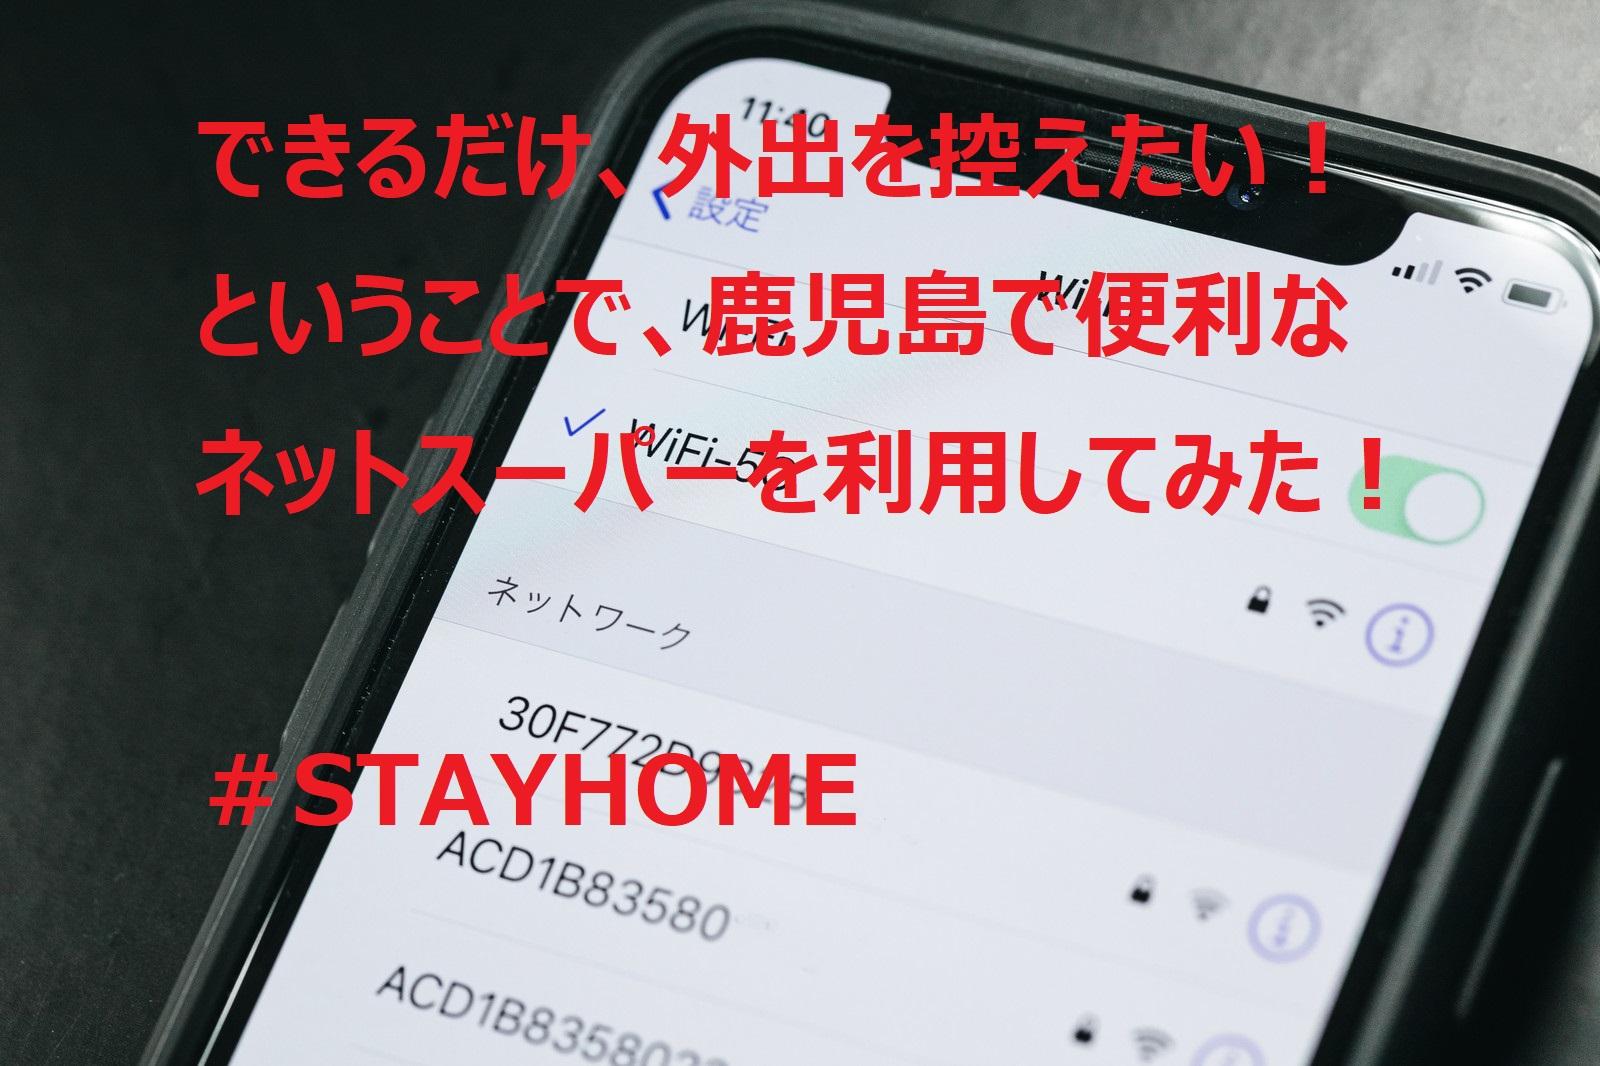 できるだけ、外出を控えたい!ということで、ネットスーパーを使ってみました! #STAYHOME イメージ画像